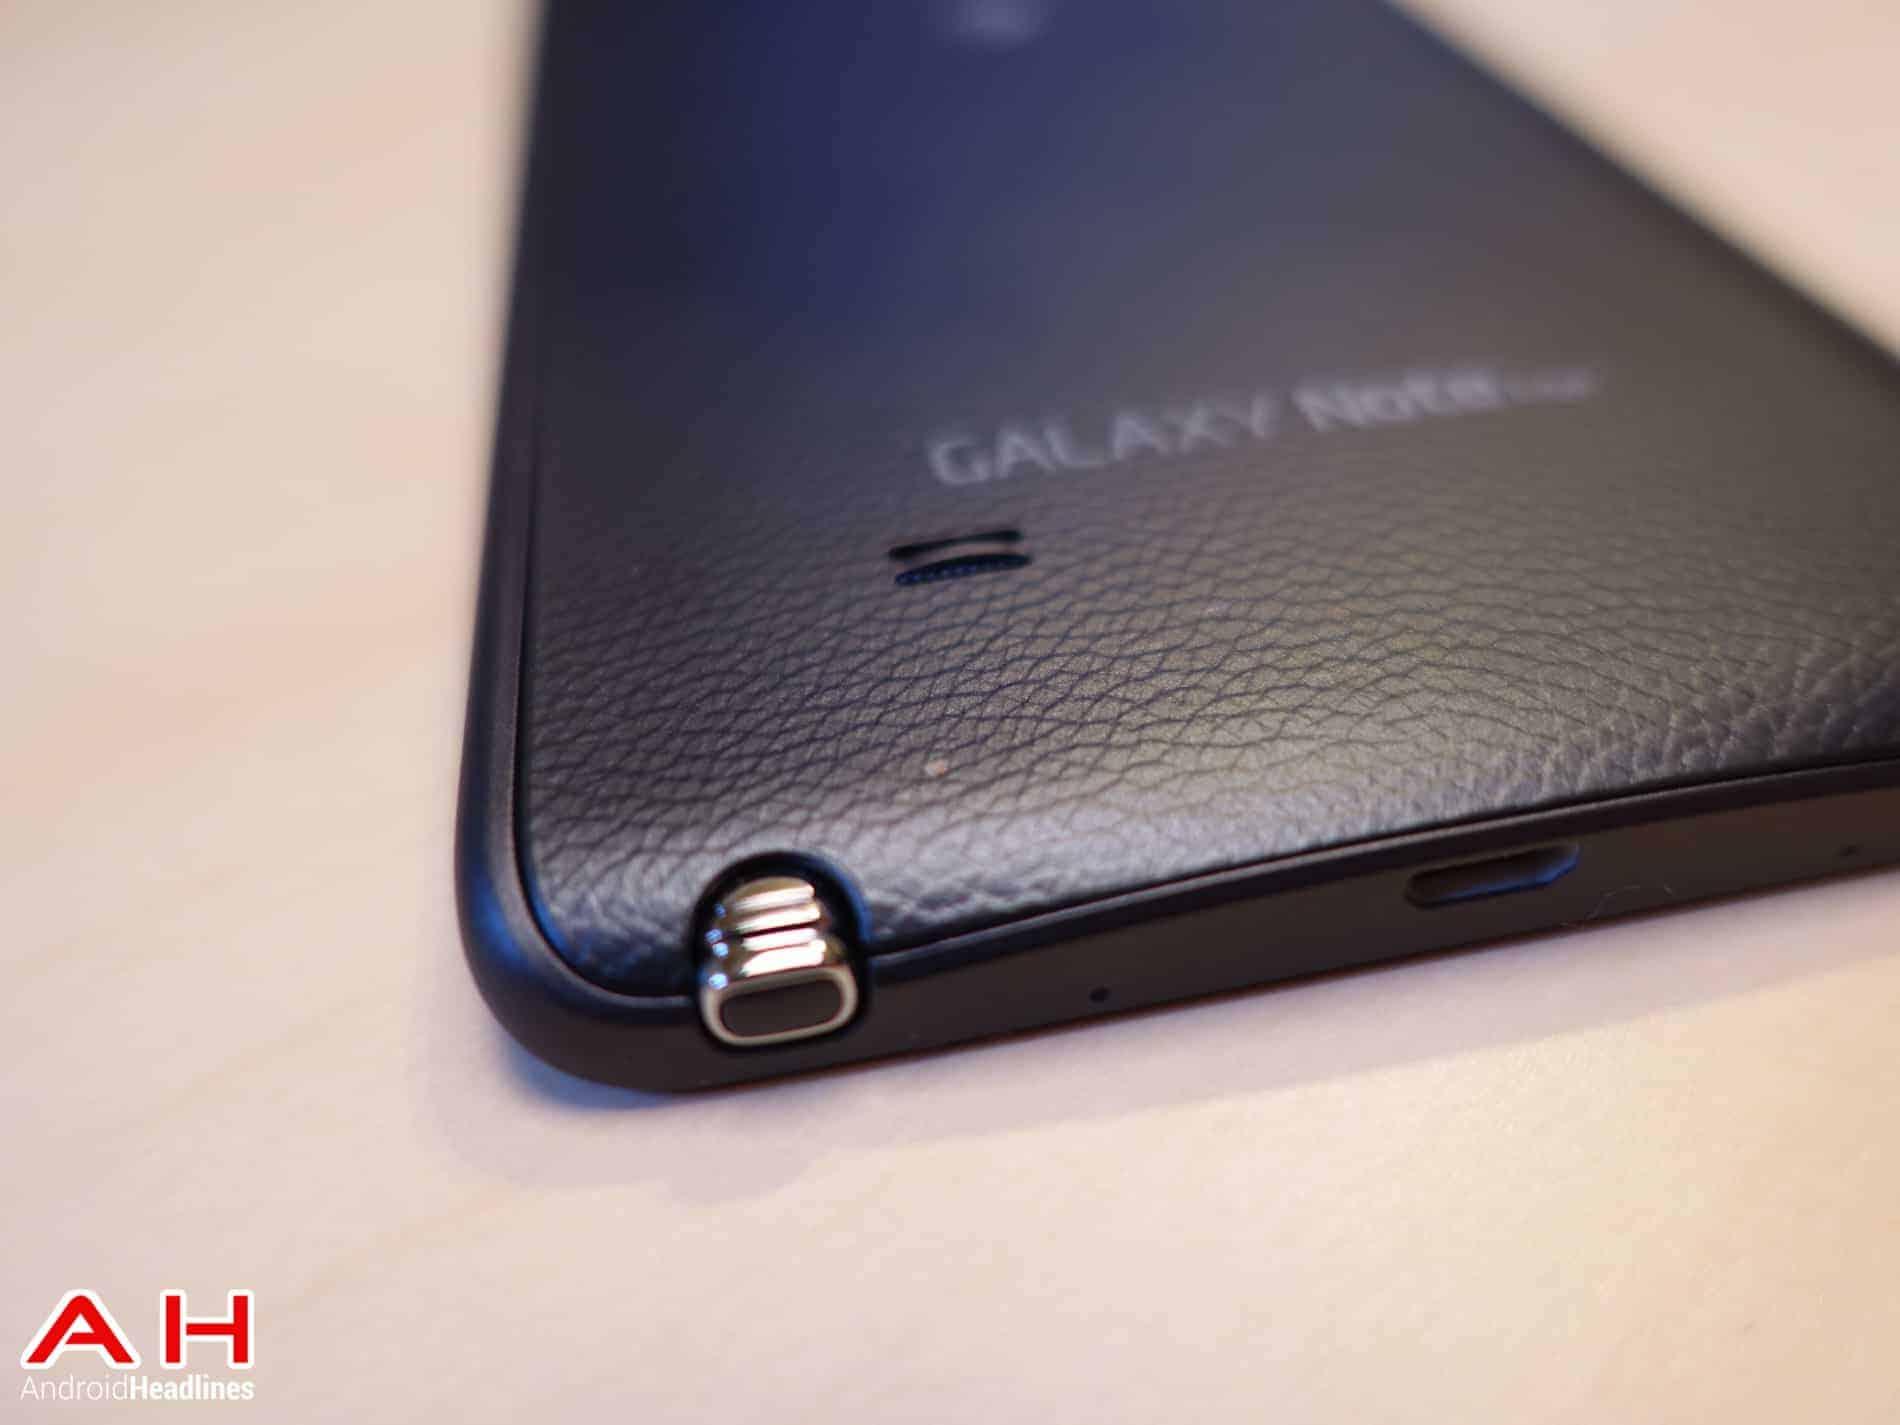 Samsung-Galaxy-Note-Edge-AH-12